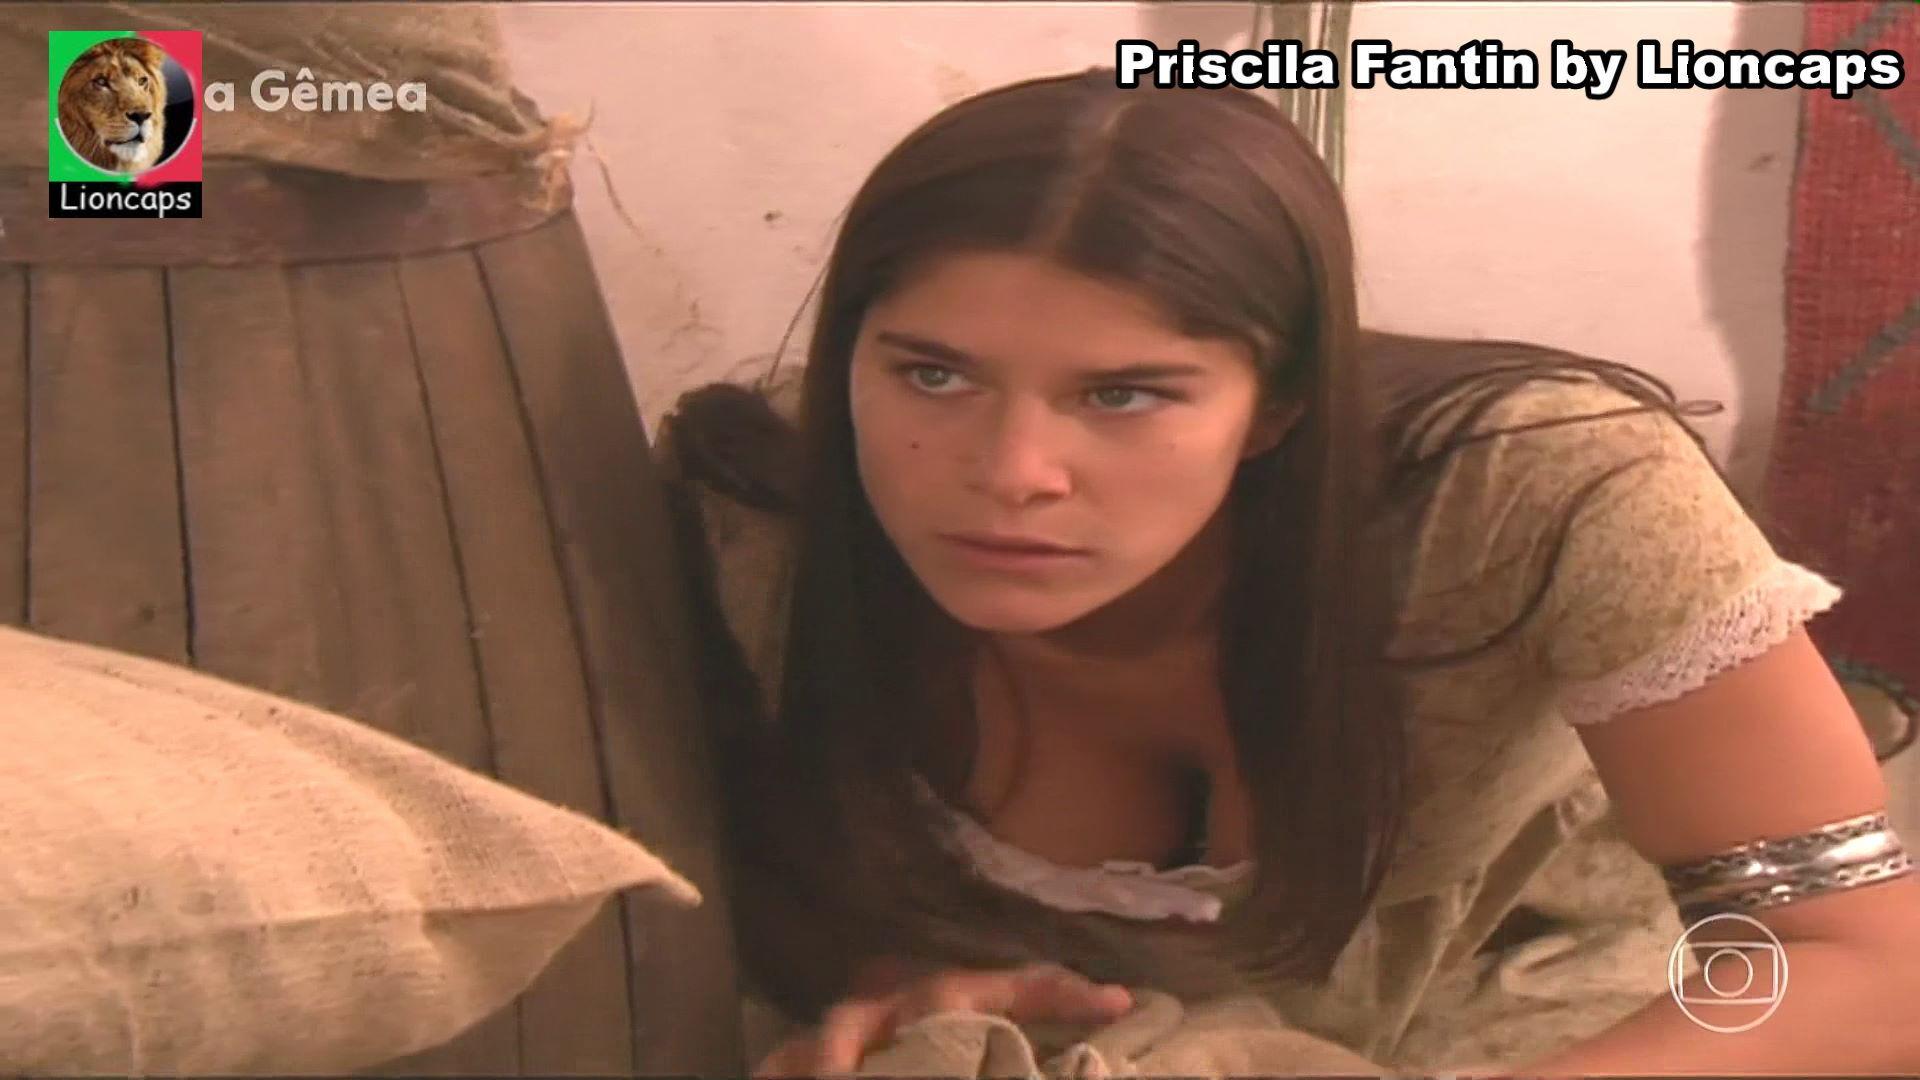 priscila_fantin_vs200427-035 (1).JPG